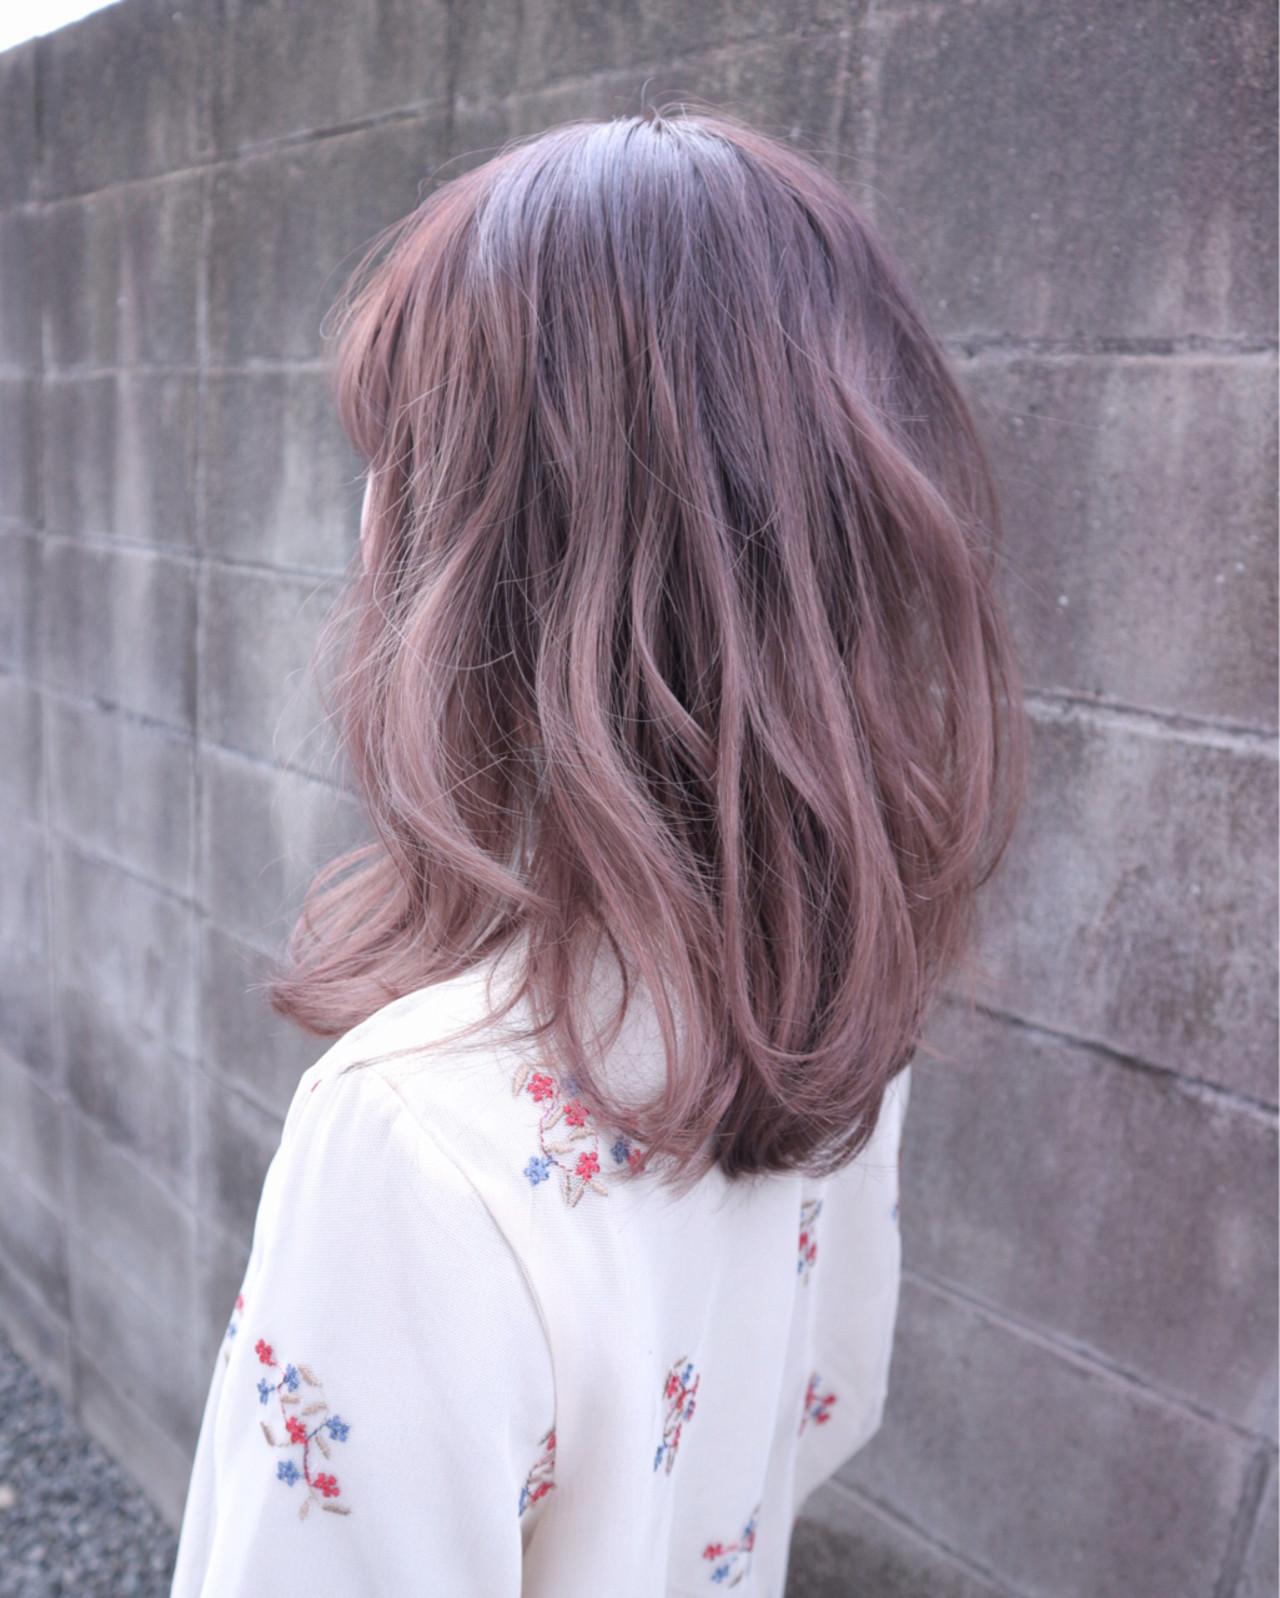 ラベンダーピンク ラベンダー ガーリー ミディアムヘアスタイルや髪型の写真・画像